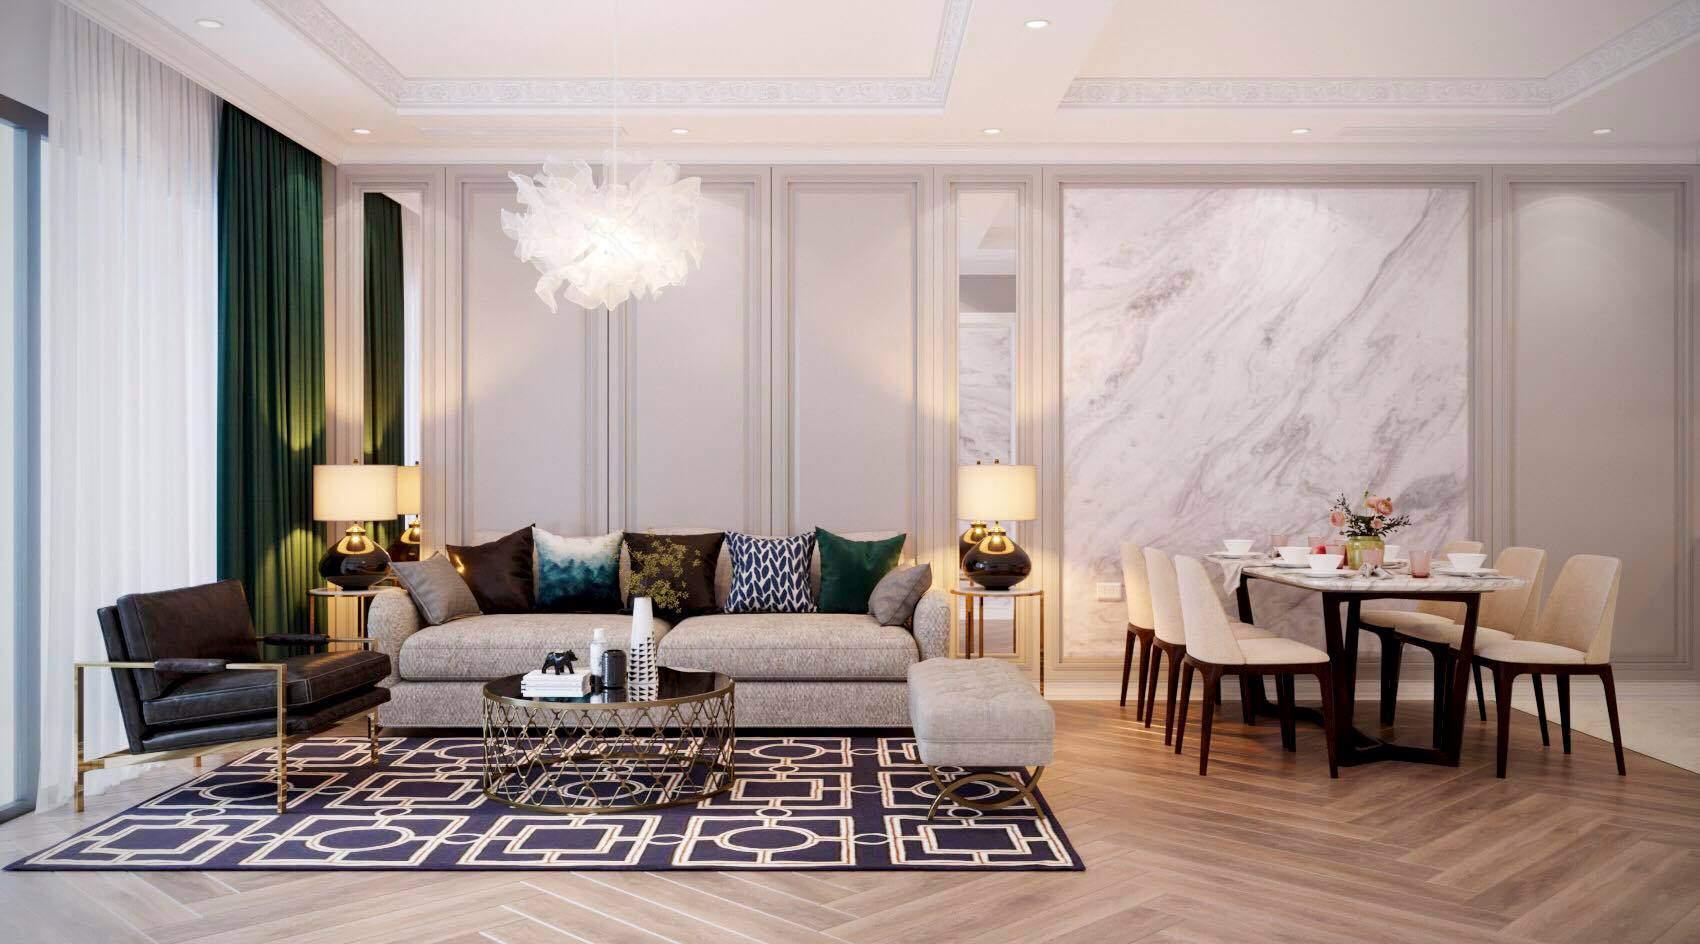 Thiết kế phòng khách liên thông nhà bếp với màu sắc hài hòa